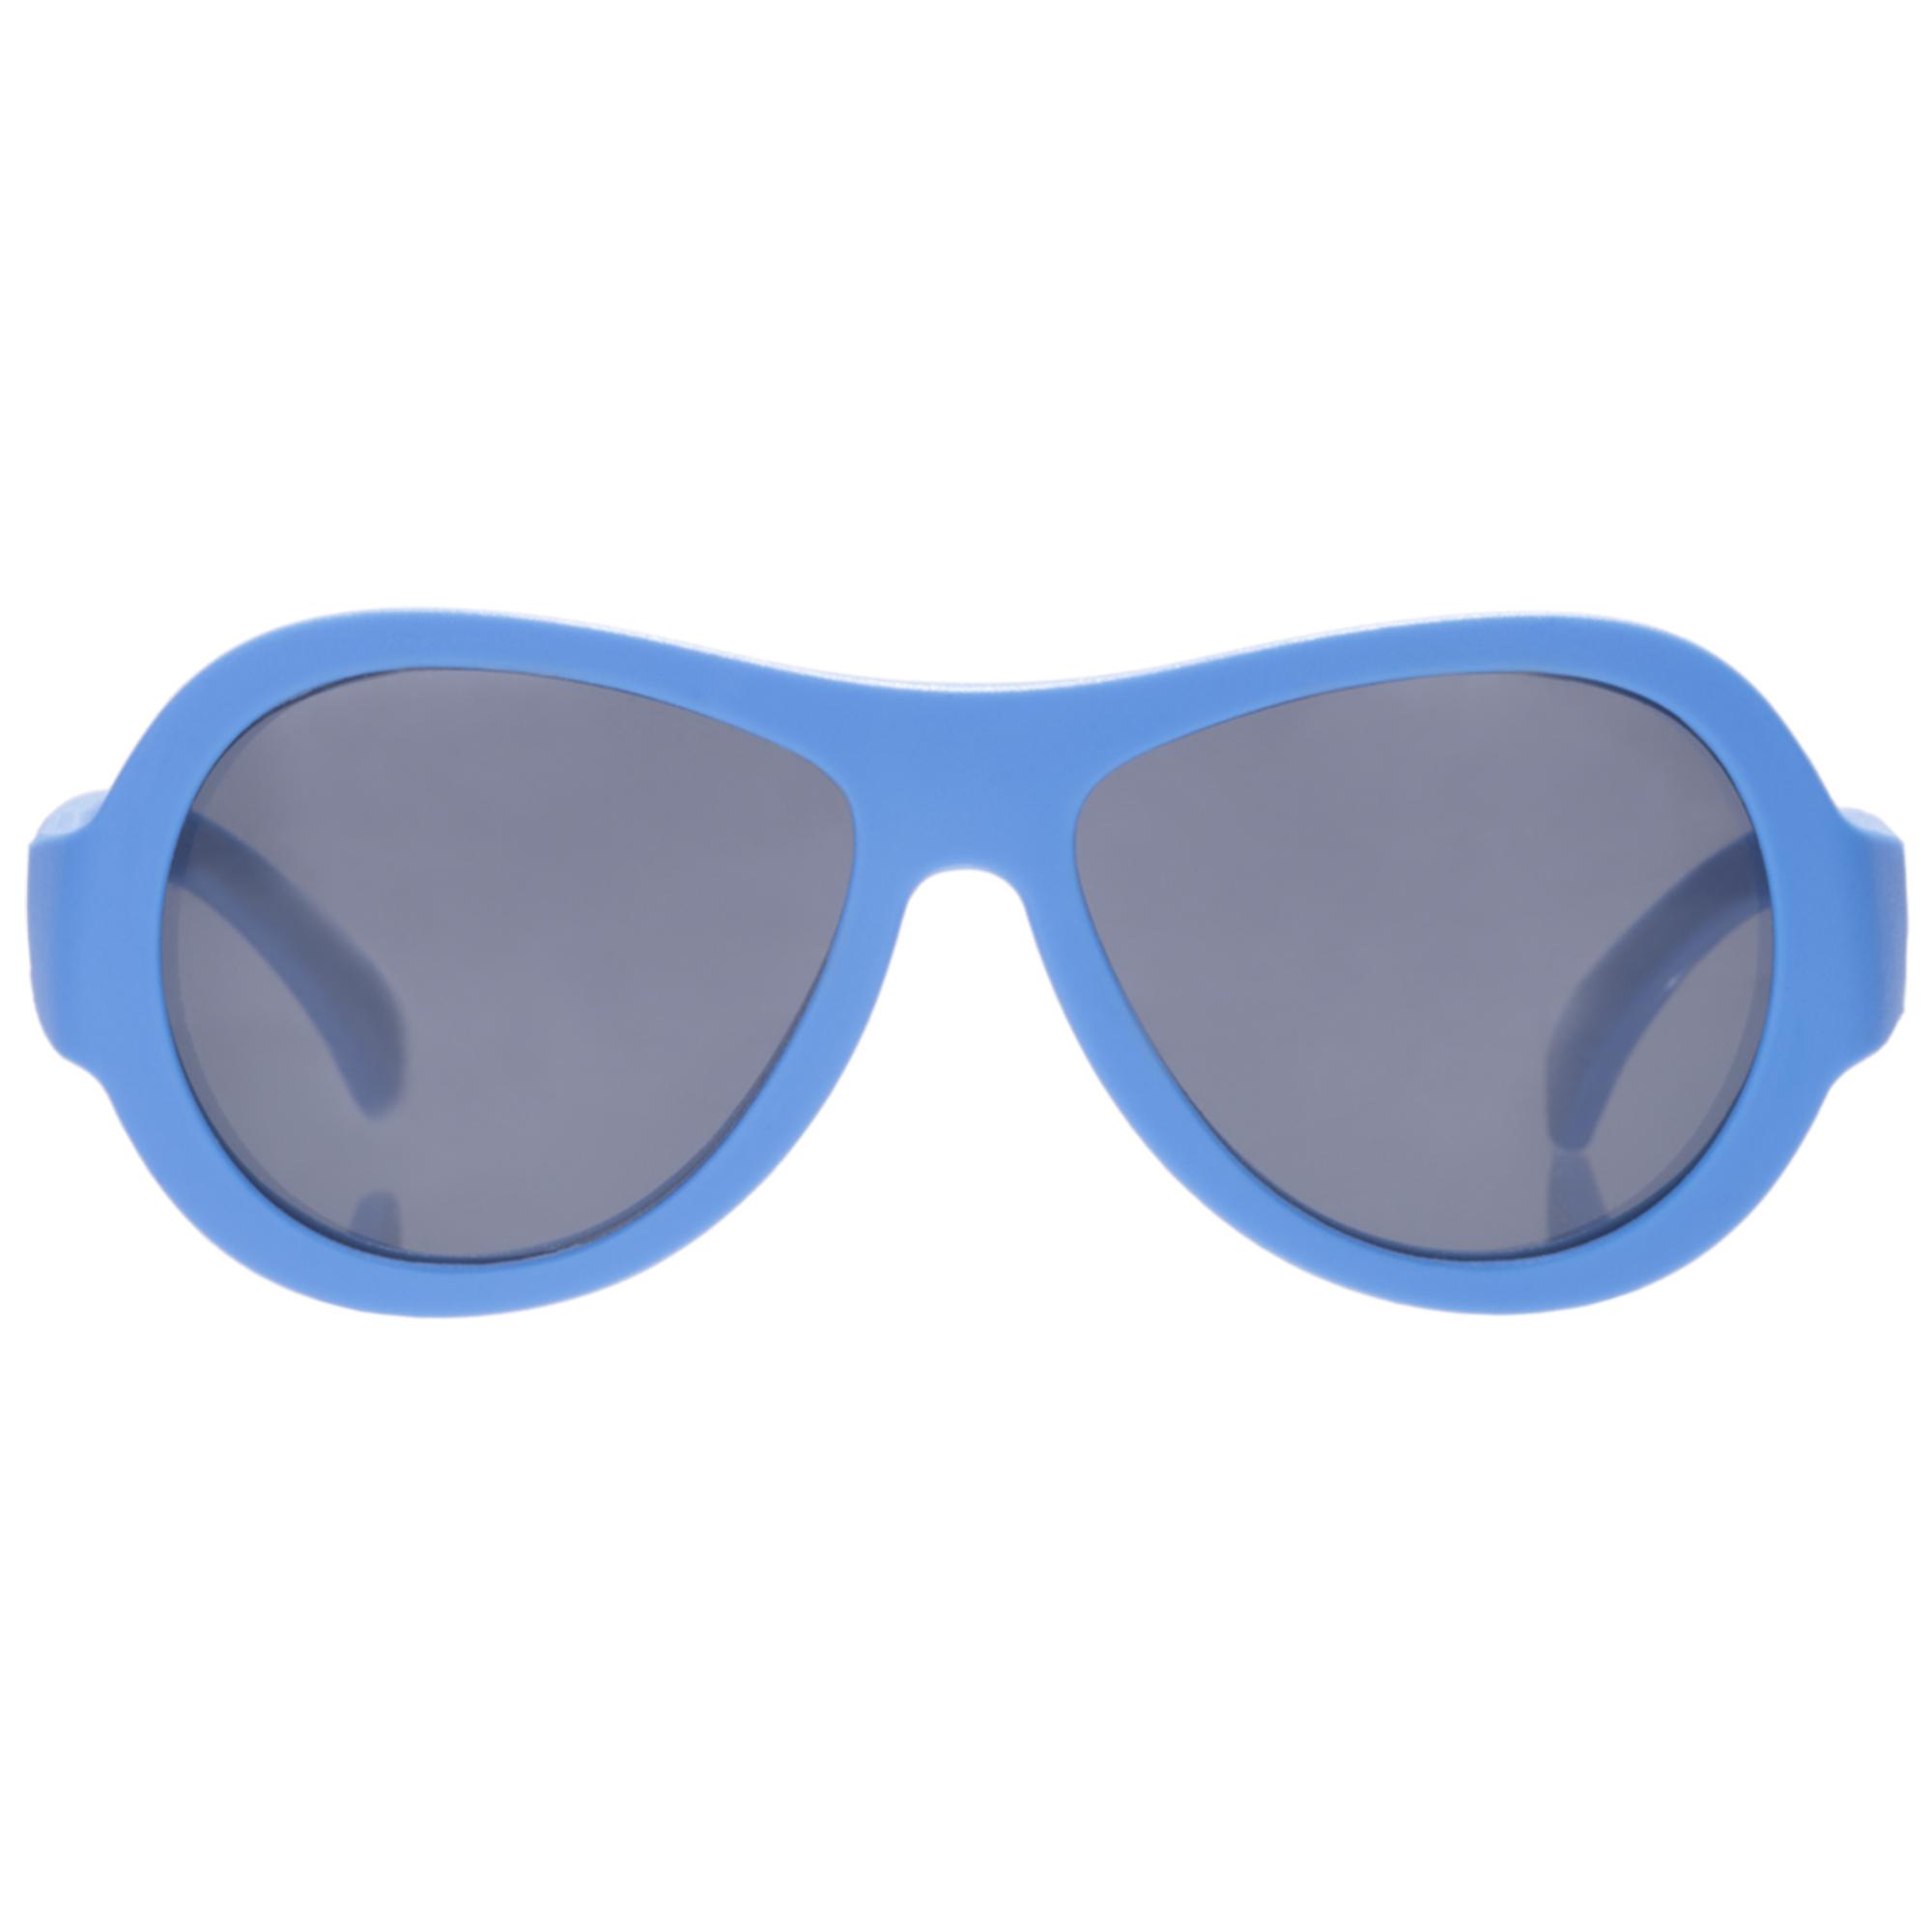 Ochelari de soare pentru copii, BABIATORS, True Blue Junior, 0-2 ani